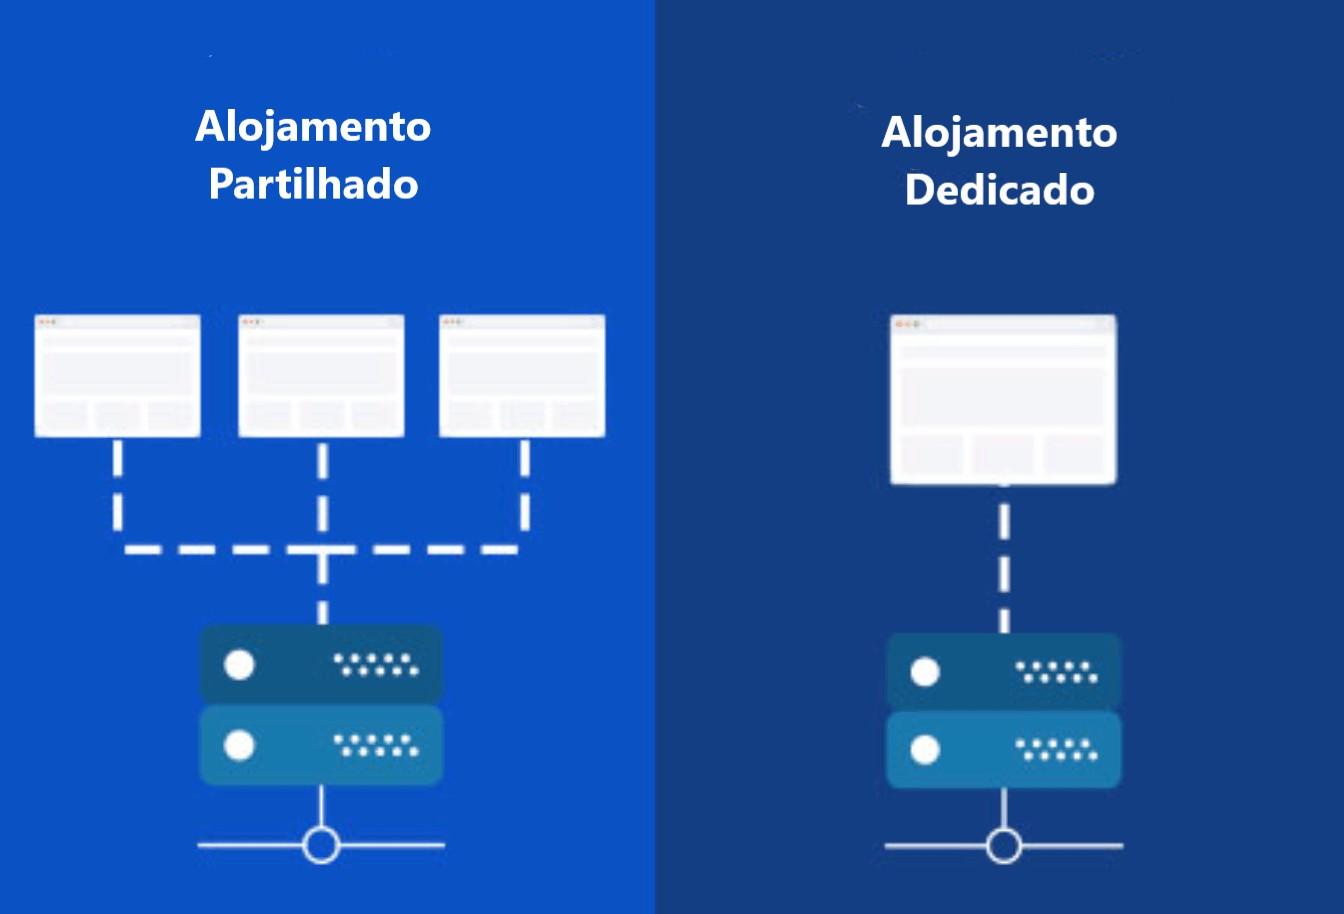 Alojamento partilhado vs alojamento dedicado - joaobotas.pt